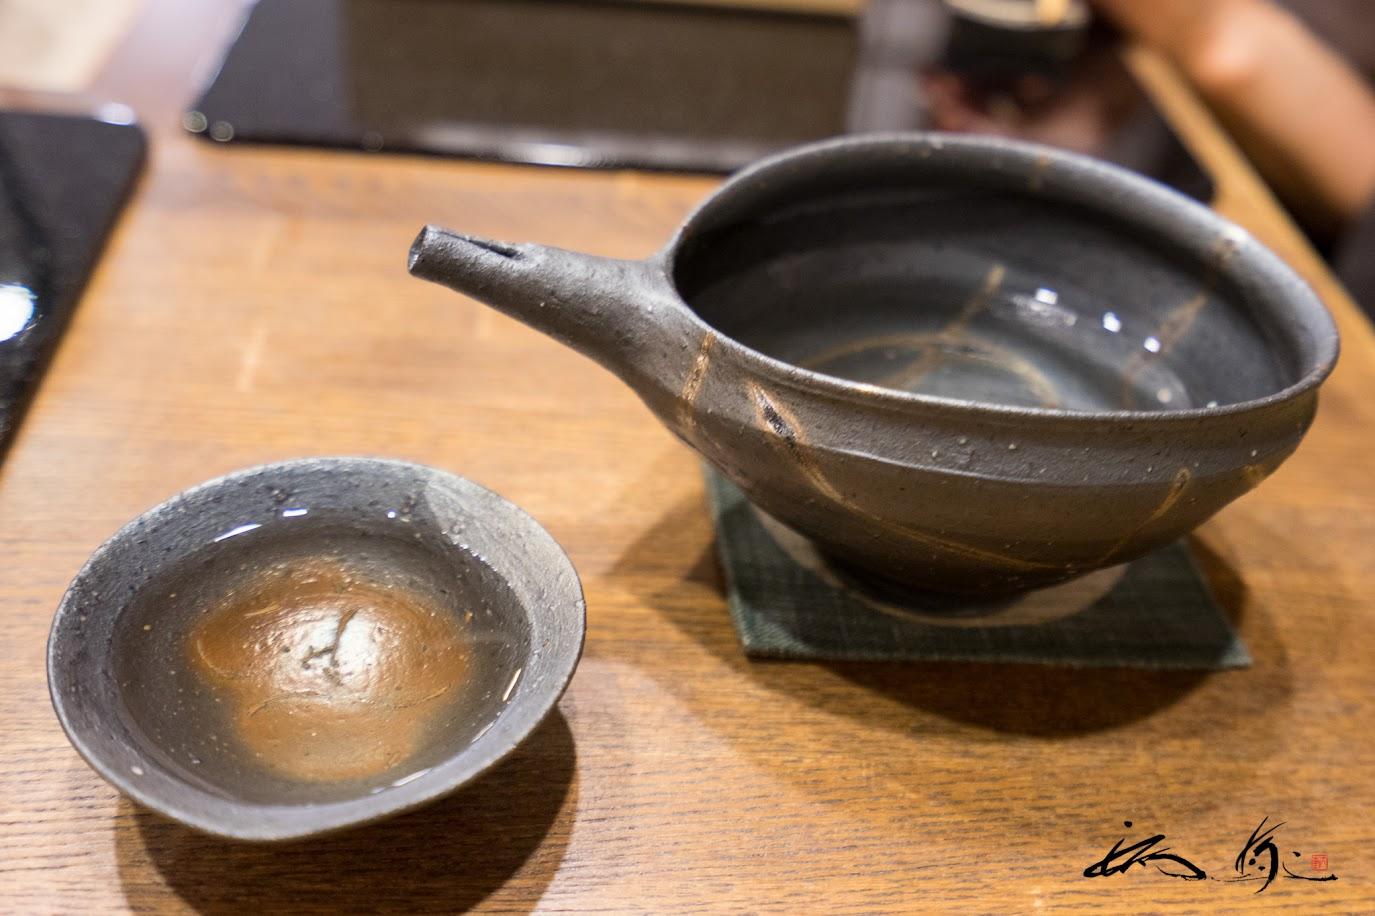 日本酒「獺祭」磨き三割九分 (山口県) 酒器今宵堂の素敵な器にて